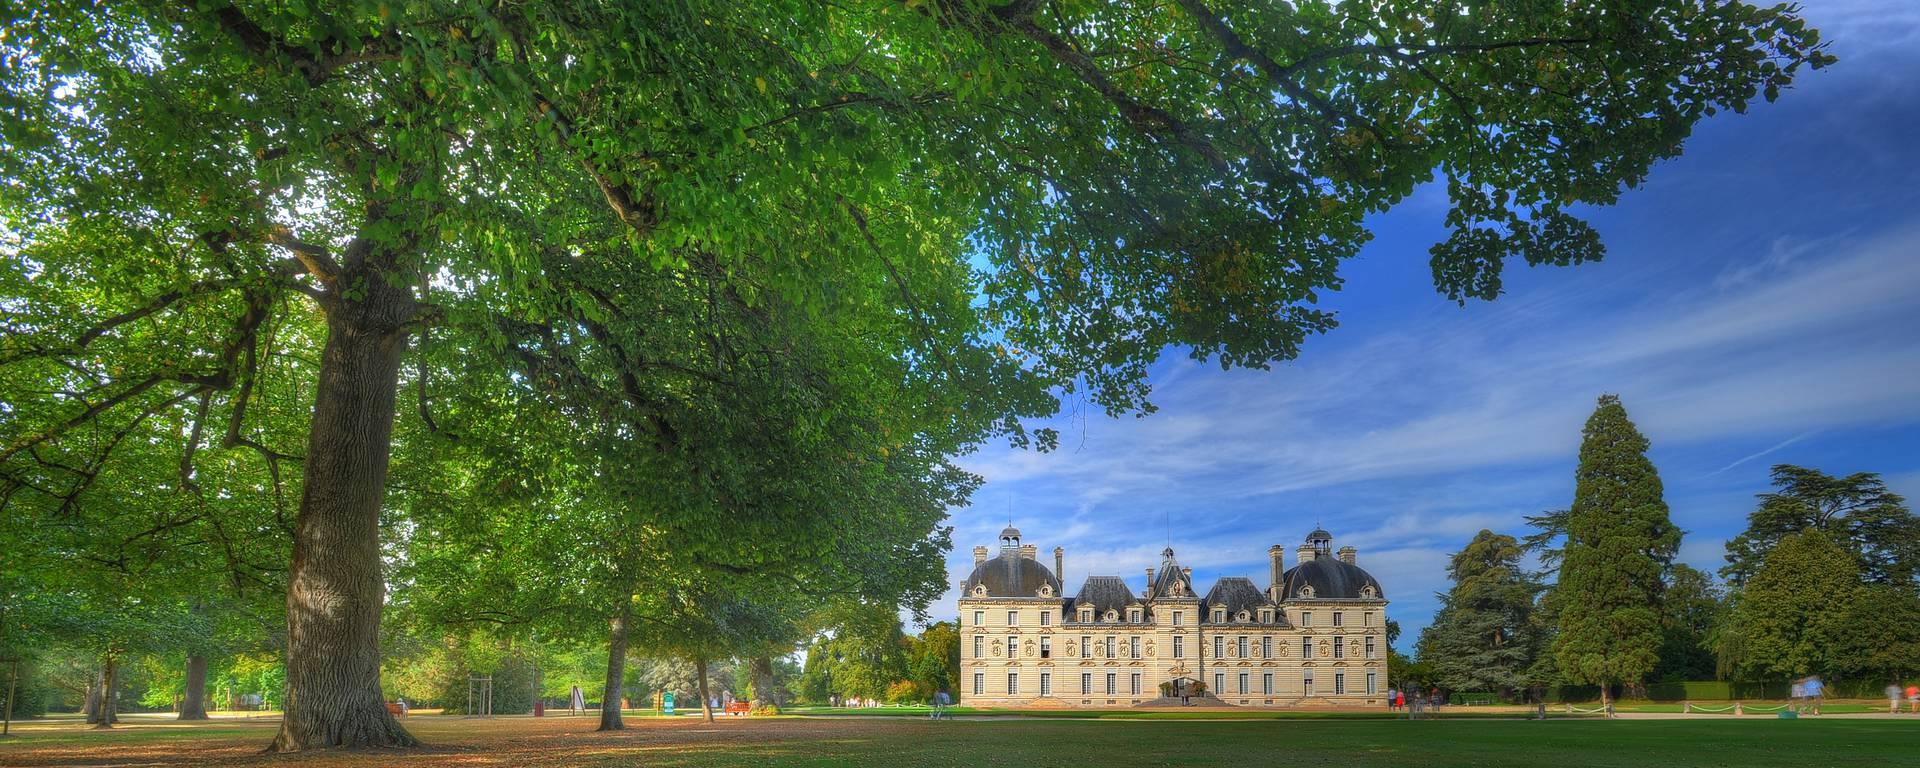 Le Château de Cheverny vu du parc